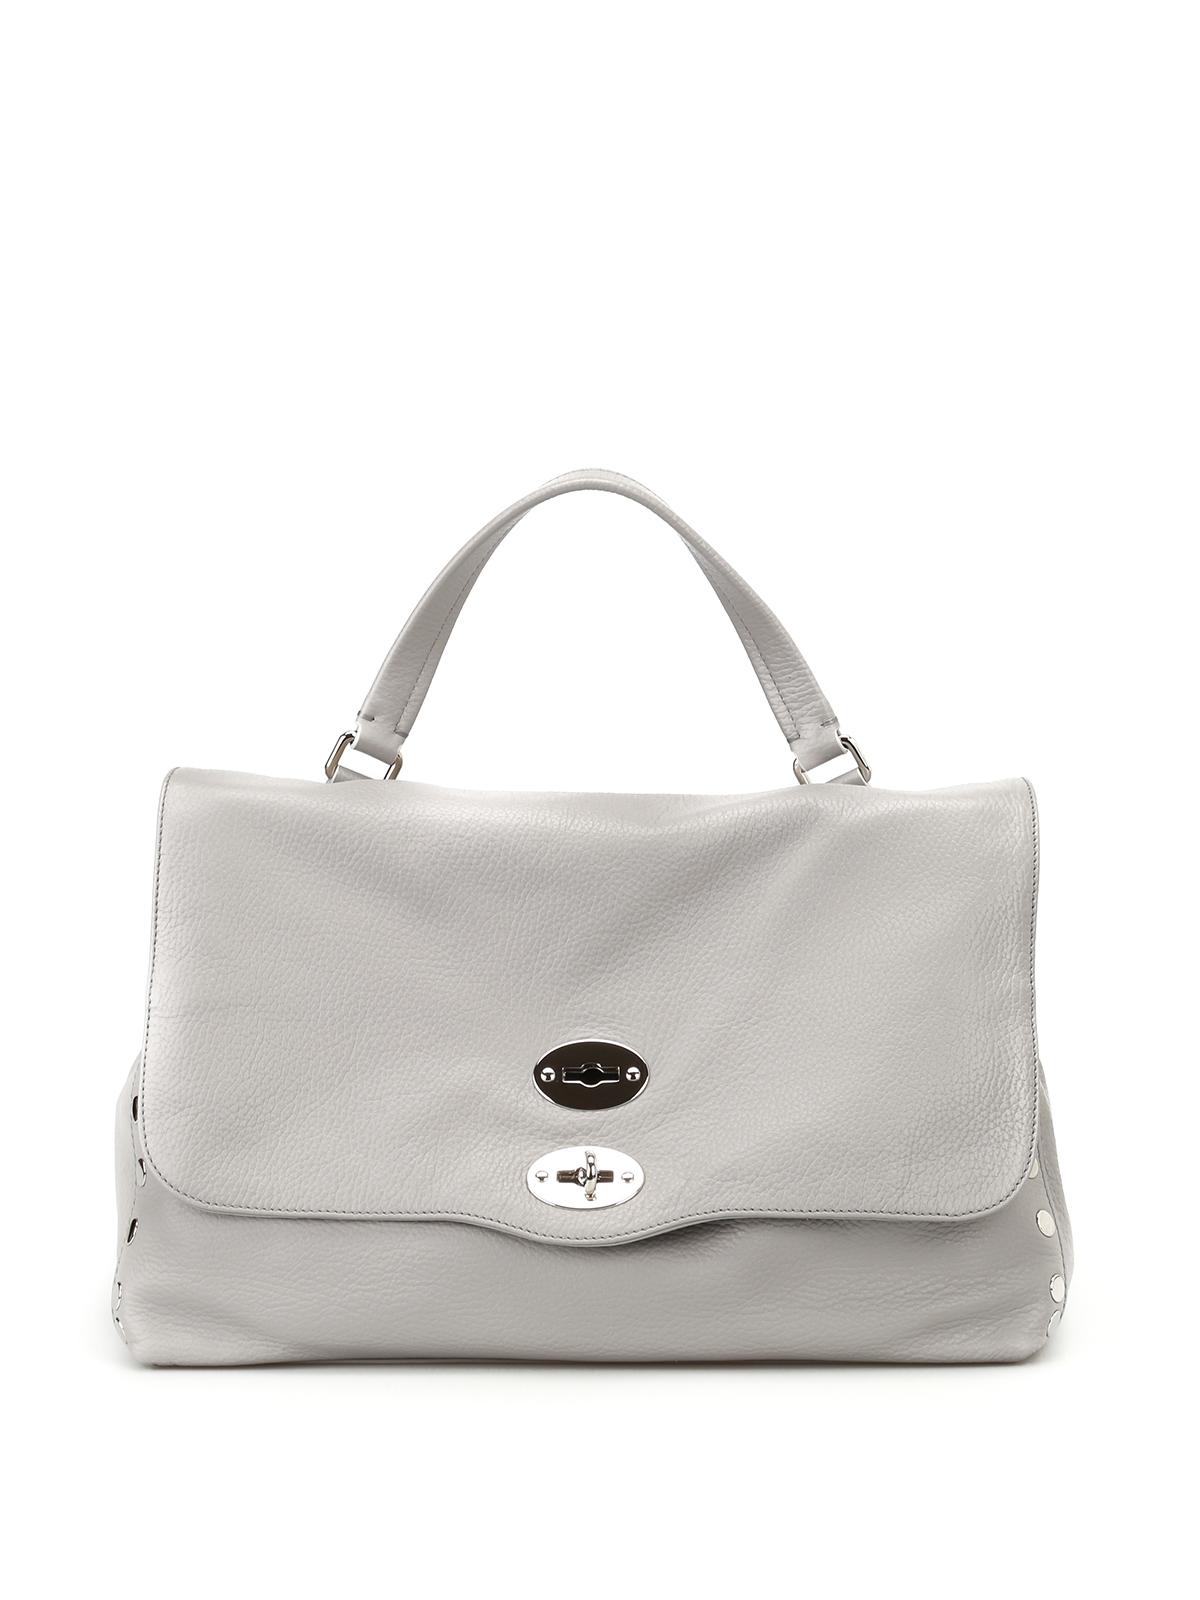 Grey Postina M shoulder bag Zanellato 19y0U0